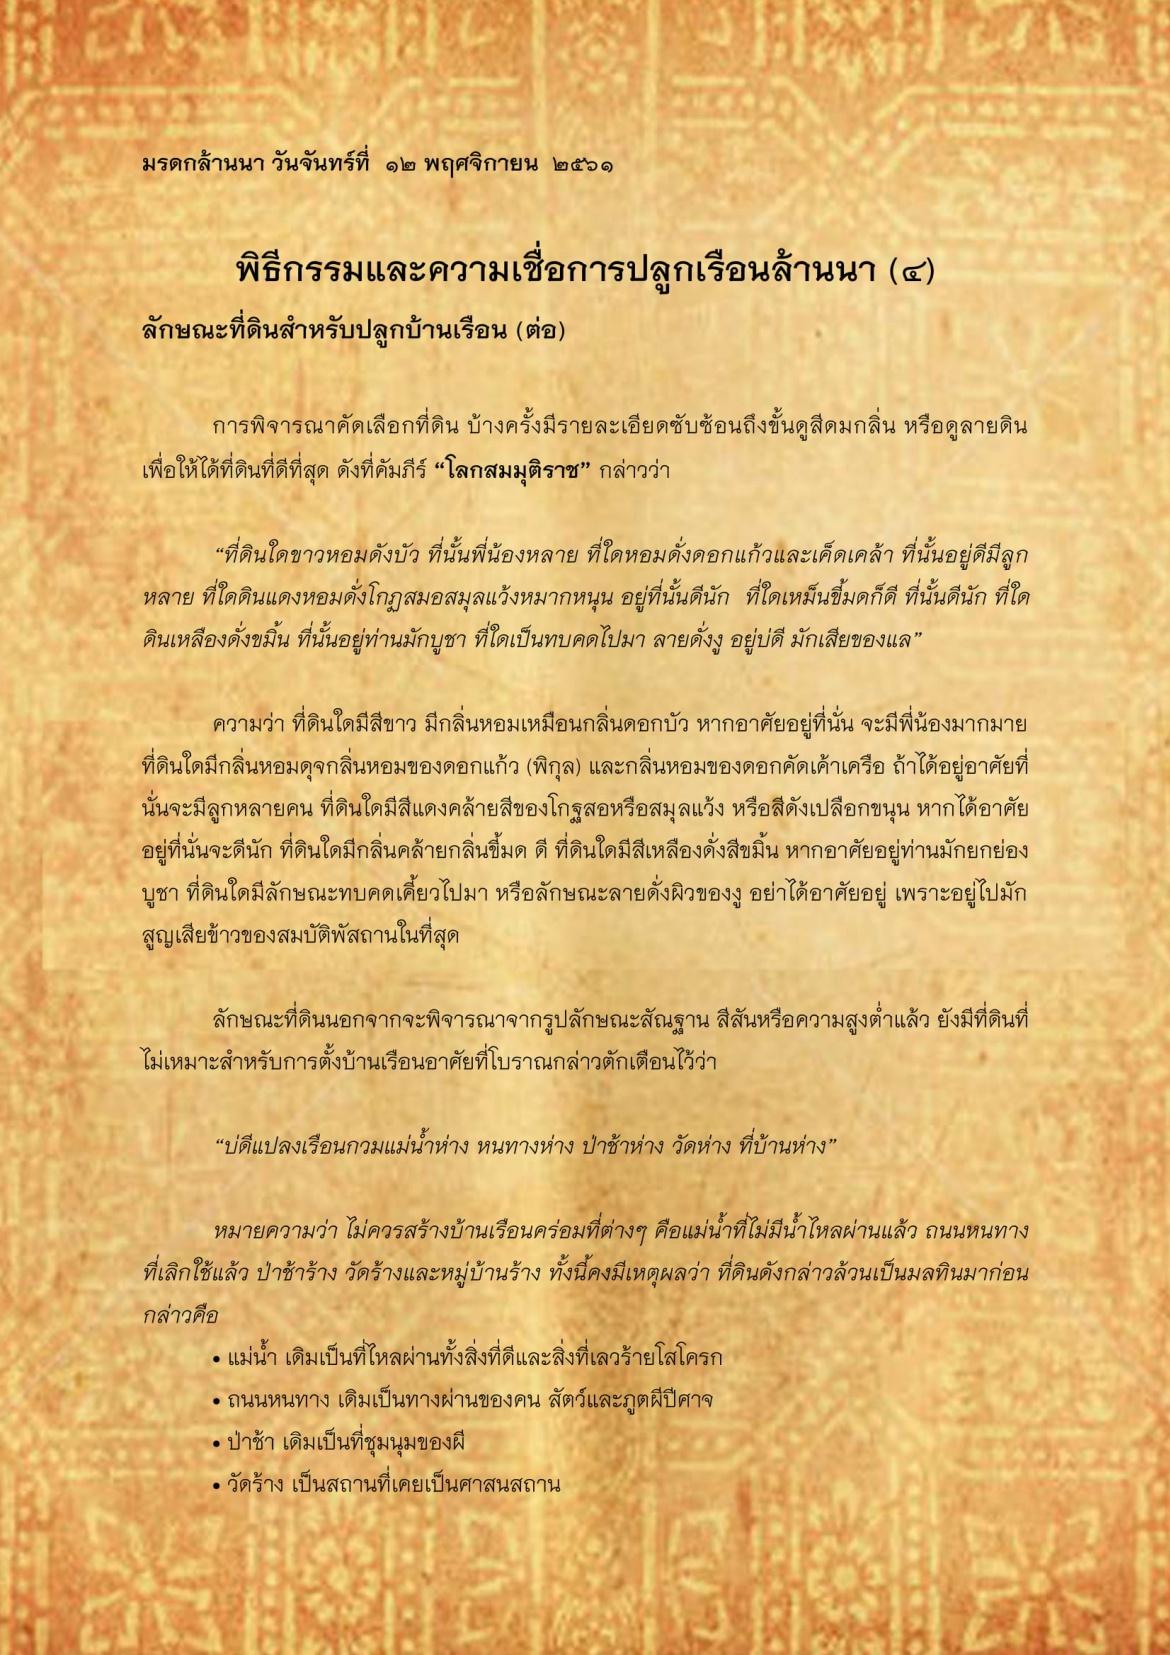 พิธีกรรมเเละความเชื่อการปลูกเรือนล้านนา(4) - 12 พฤศจิกายน 2561